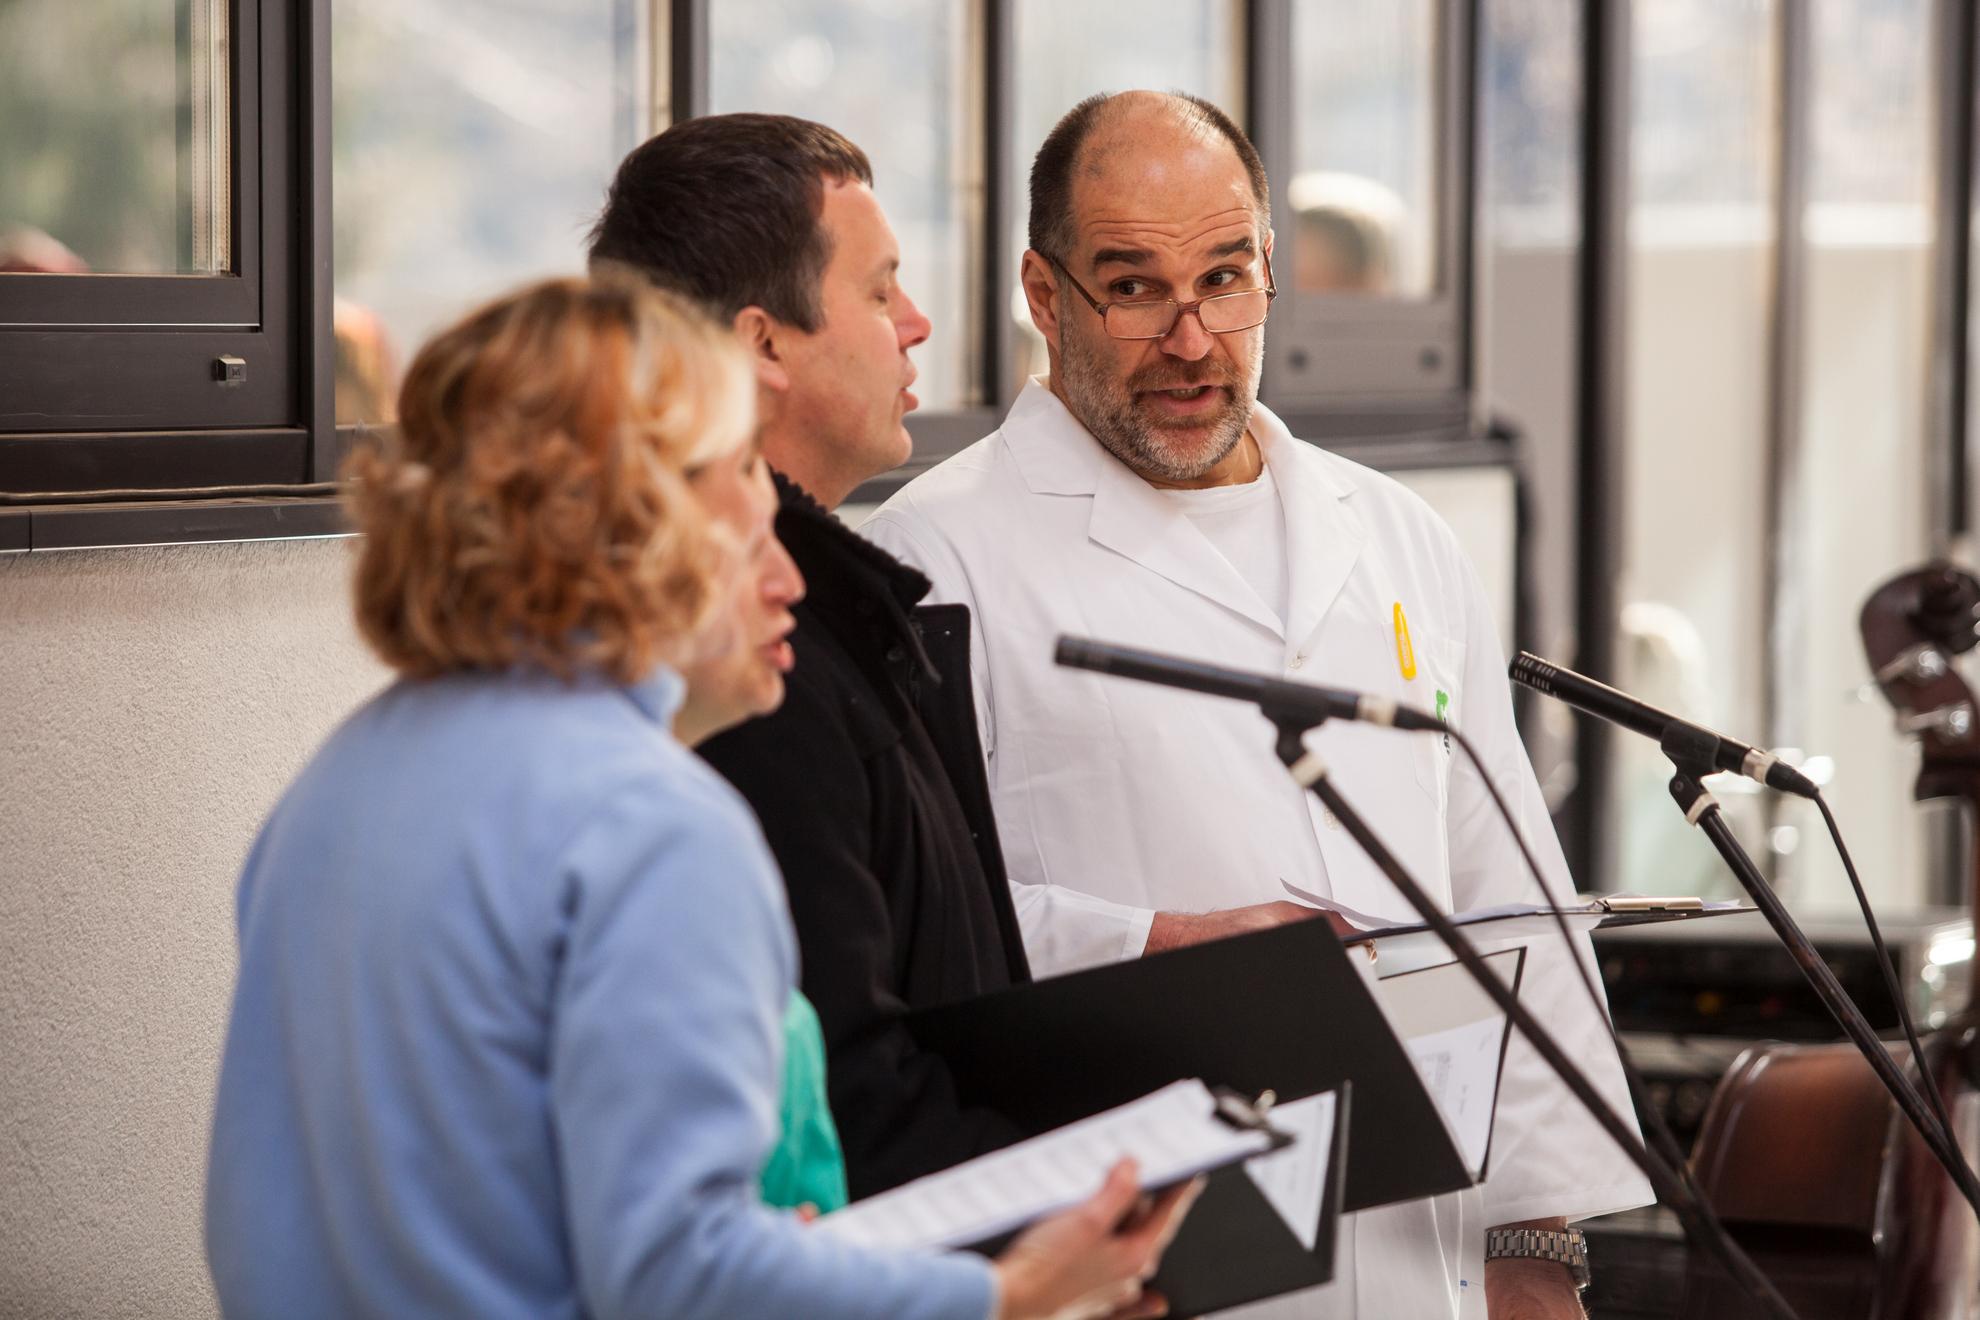 Ministrica Milojka Kolar Celarc na otvoritvi Urgentnega centra na Jesenicah. Pojoči zdravniki na otvoritvi.